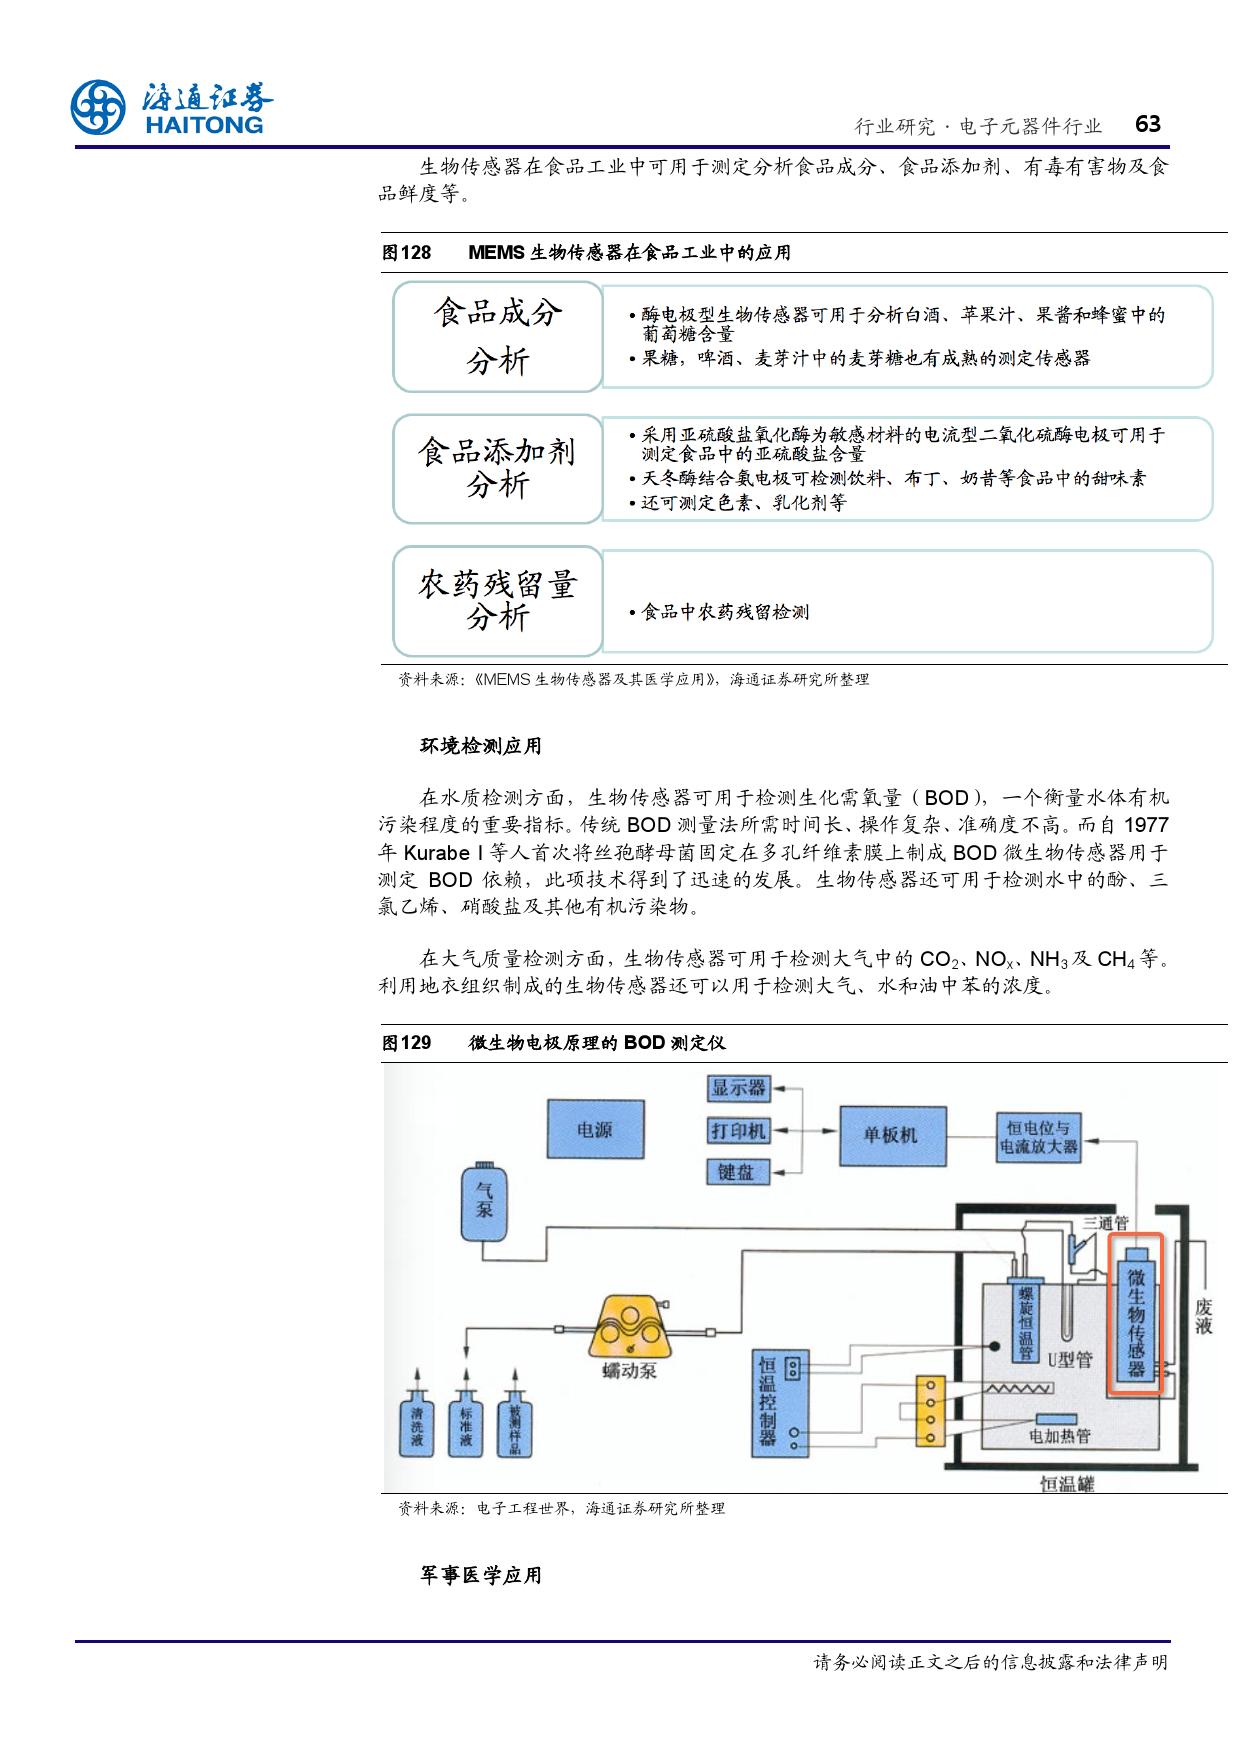 报告全解传感器全球产业链_000063